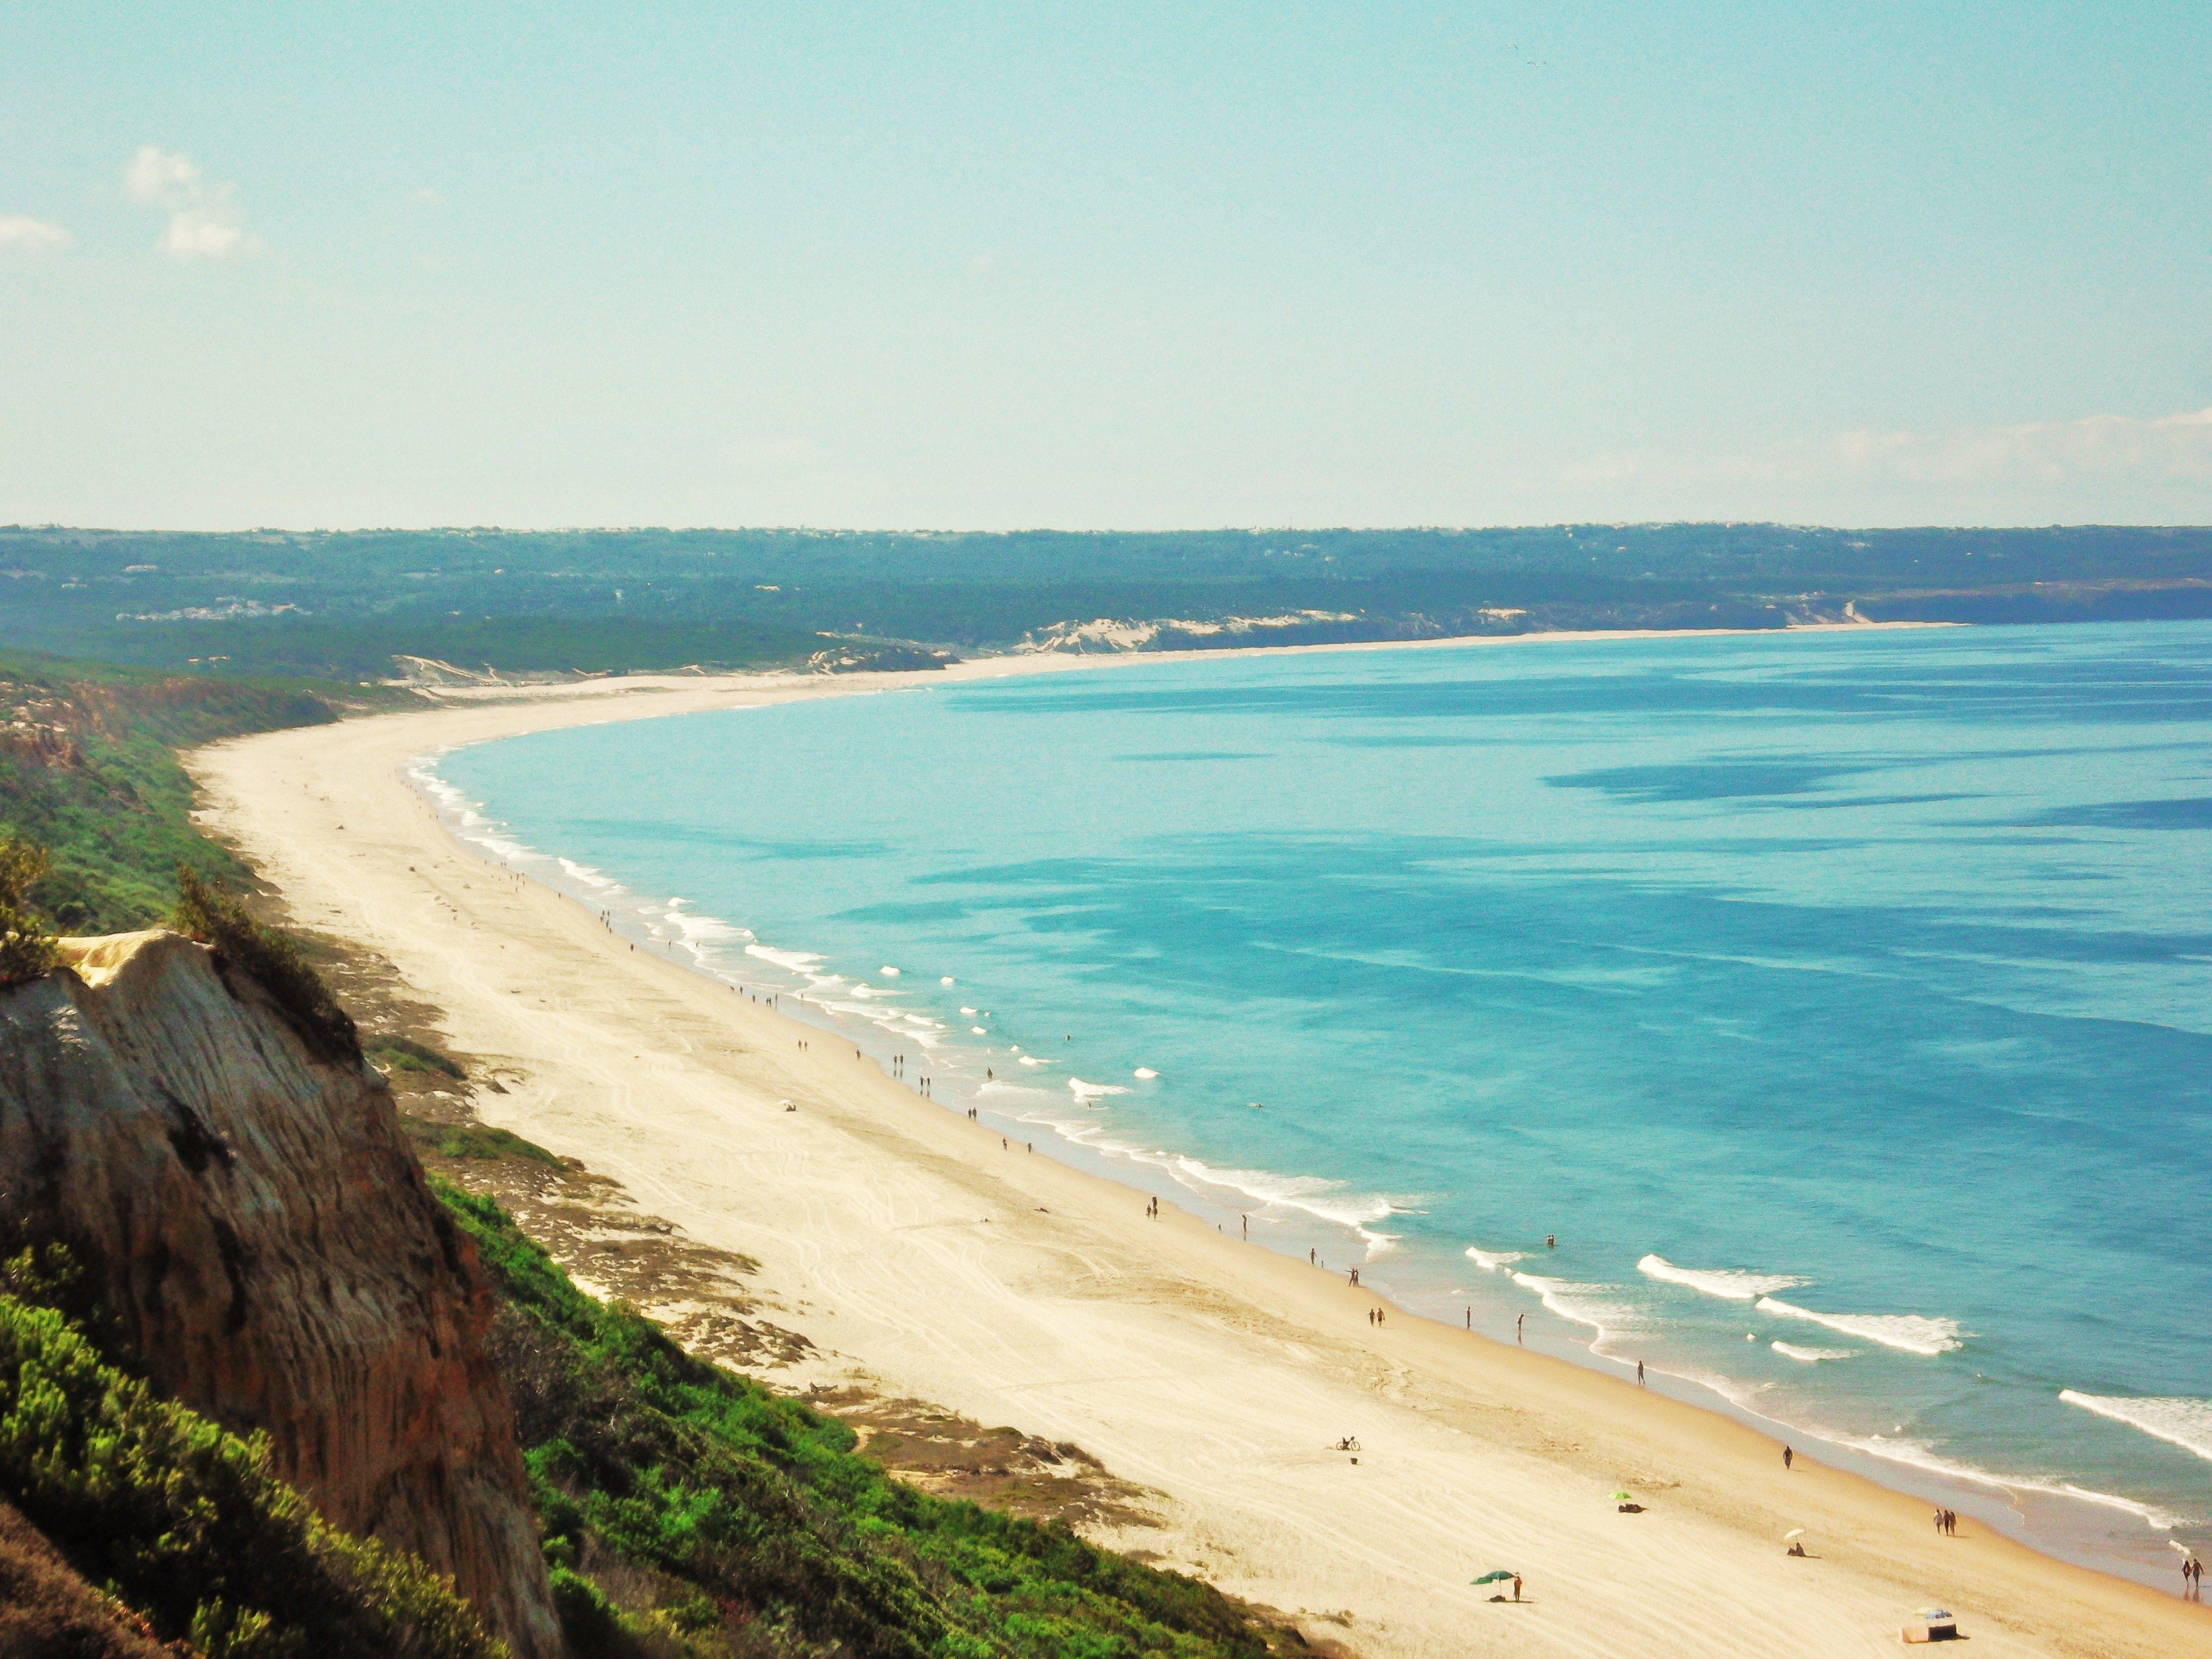 Imagini pentru costa da caparica beach